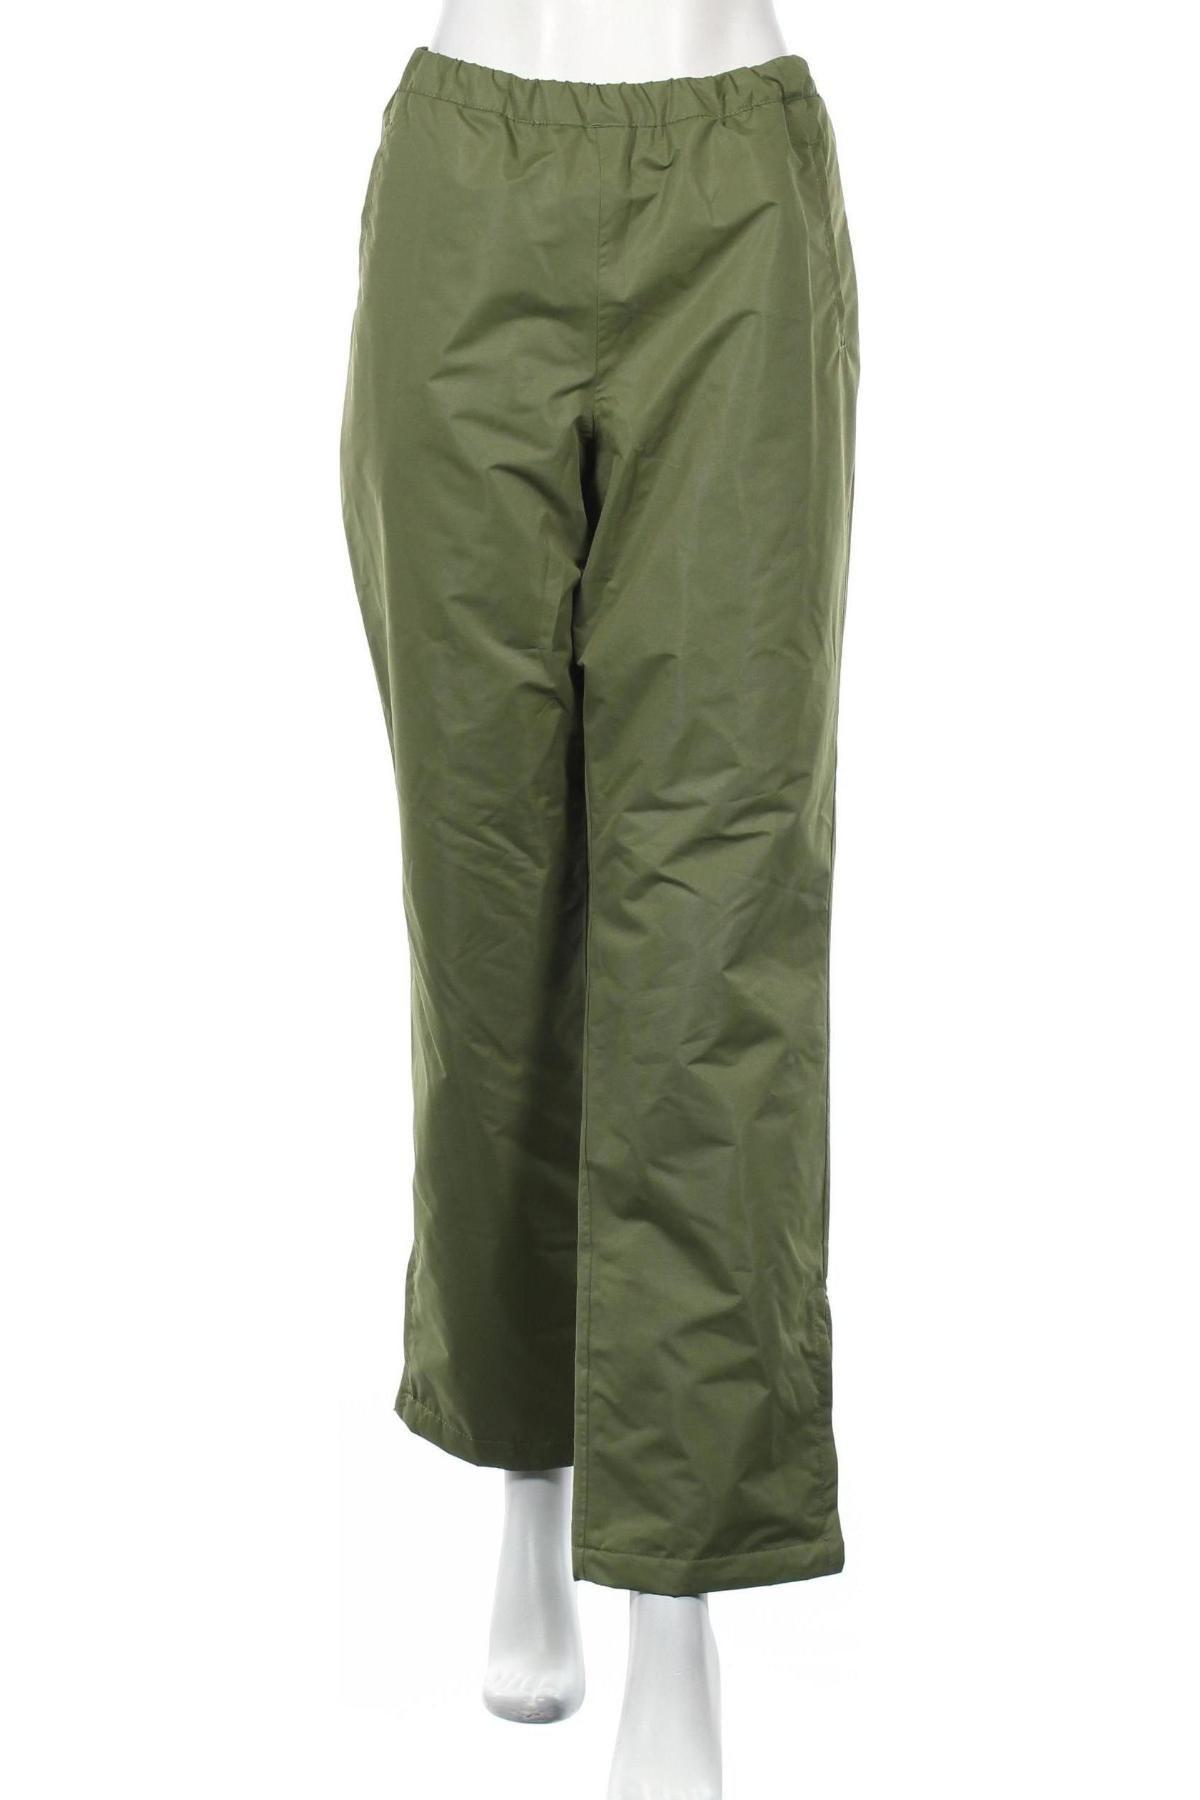 Дамски спортен панталон Bpc Bonprix Collection, Размер L, Цвят Зелен, 100% полиестер, Цена 5,90лв.